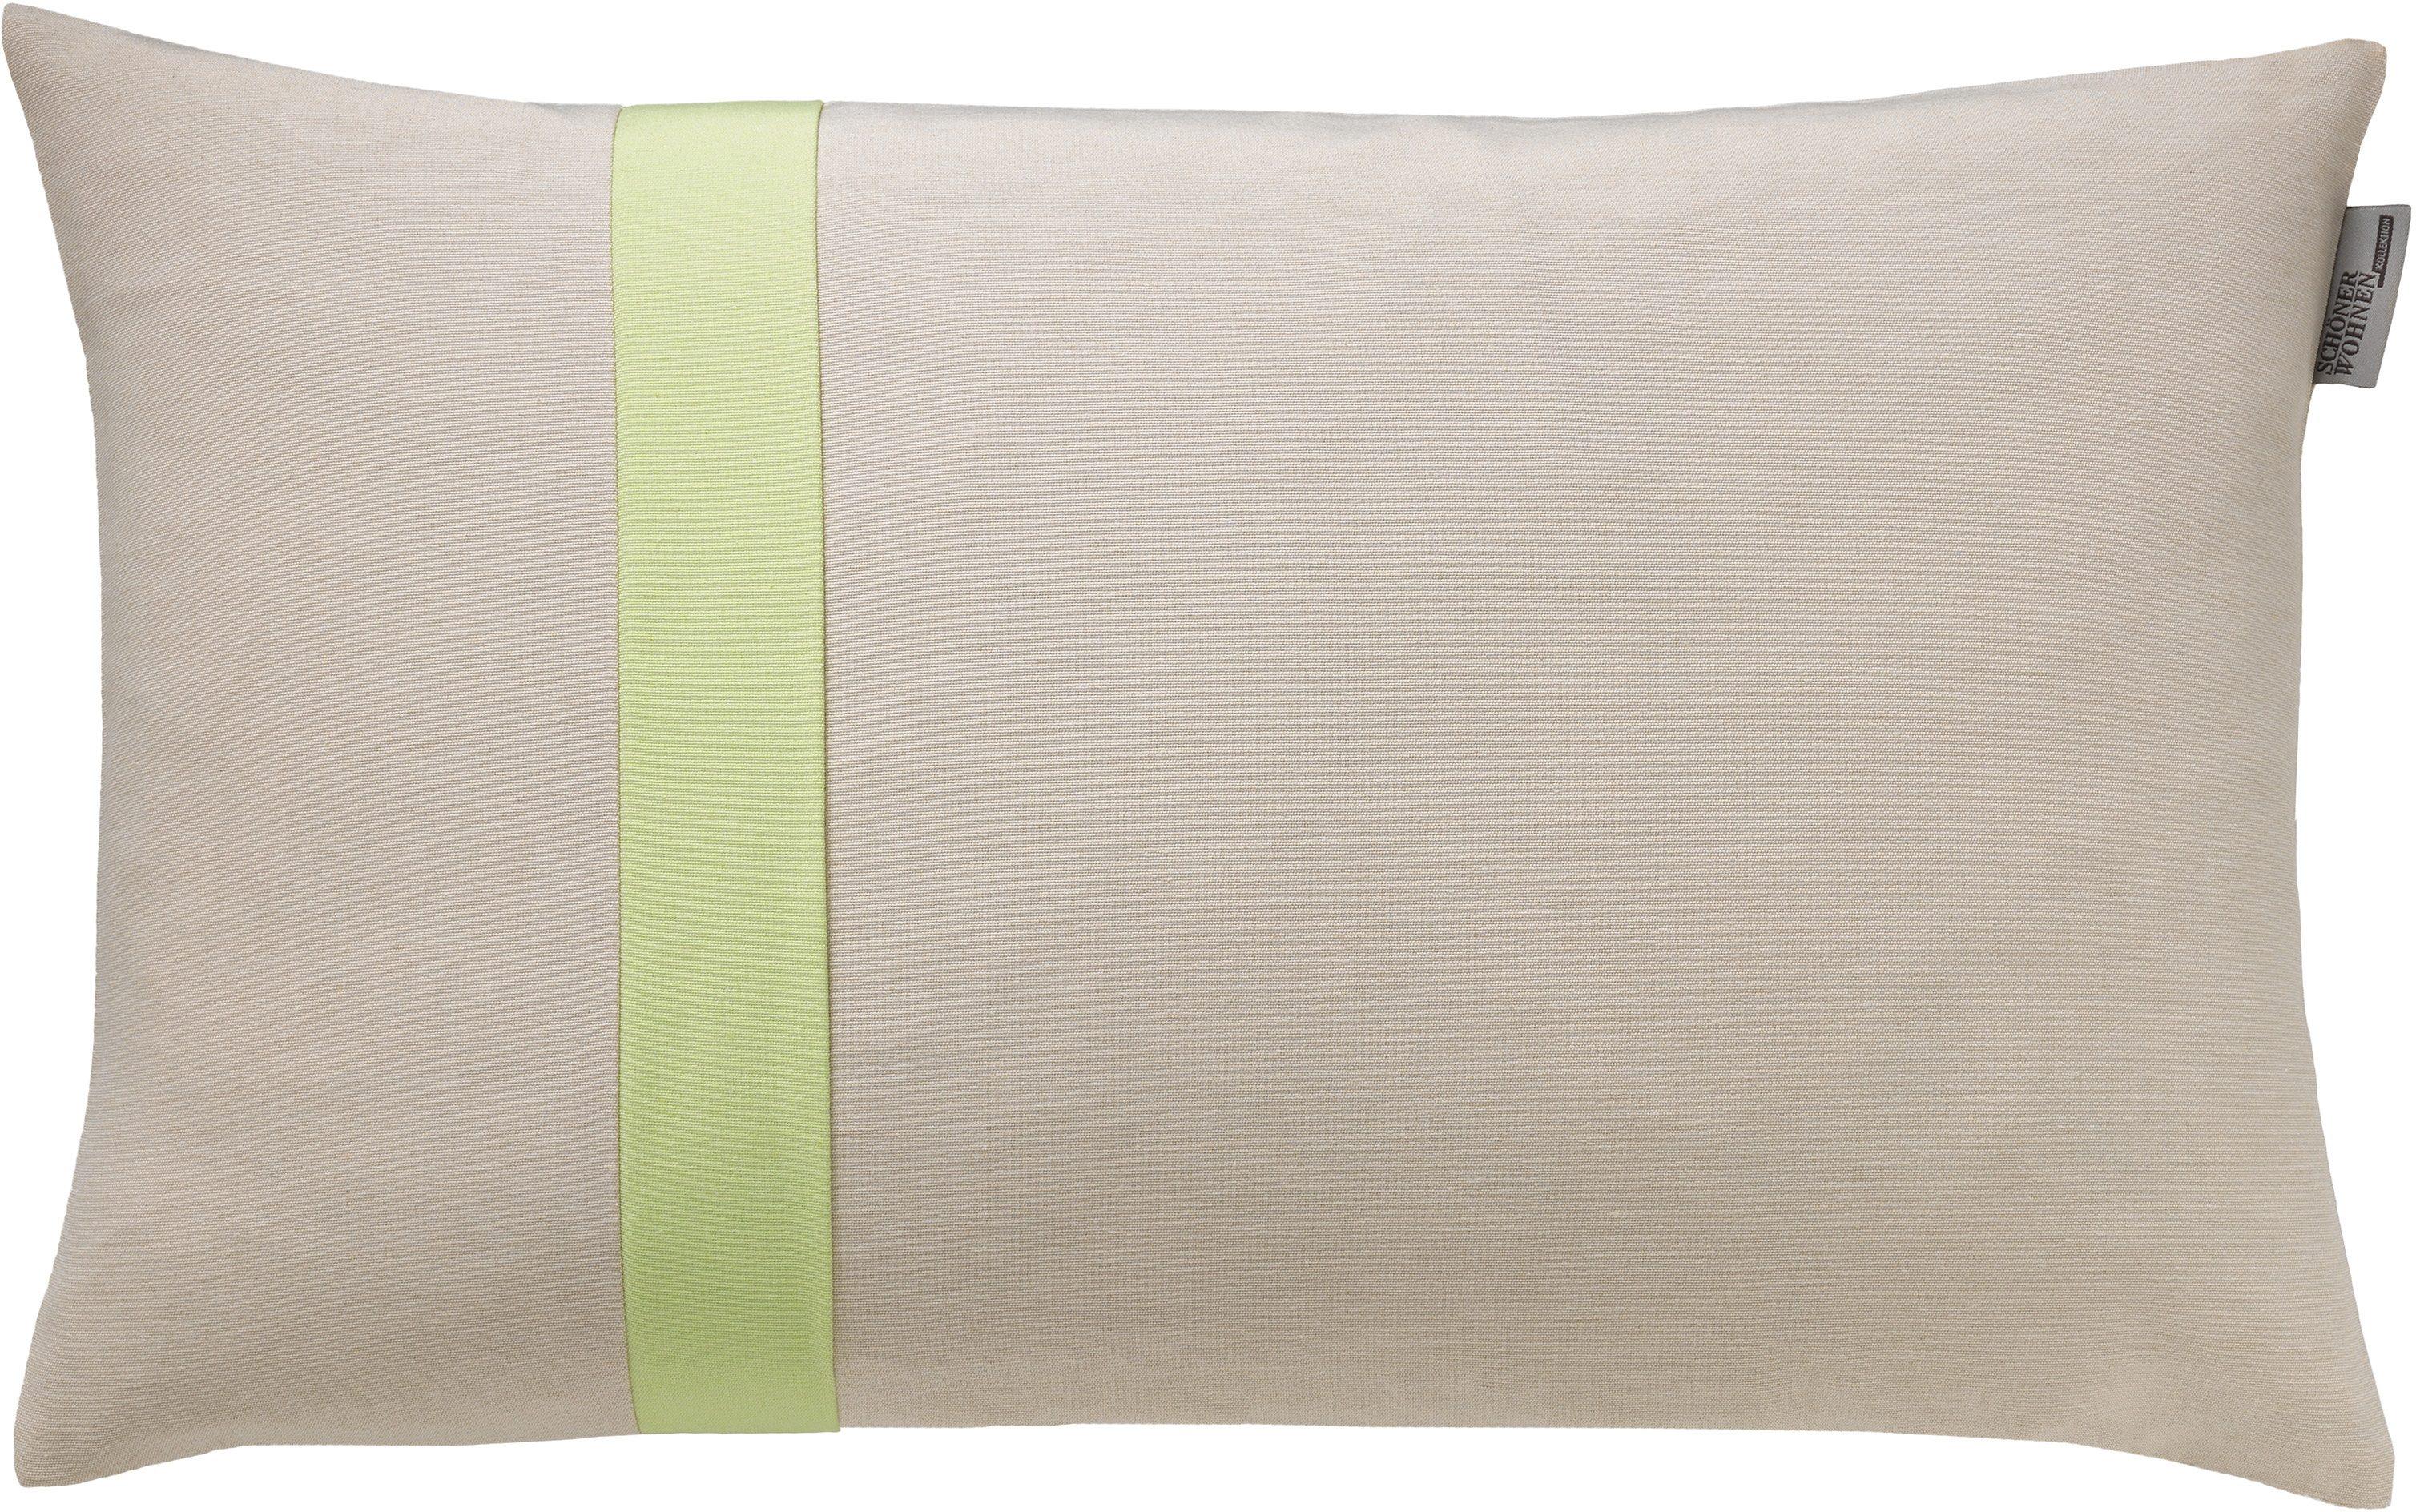 kissenh llen sch ner wohnen mono 38x58 cm 1 st ck online kaufen otto. Black Bedroom Furniture Sets. Home Design Ideas